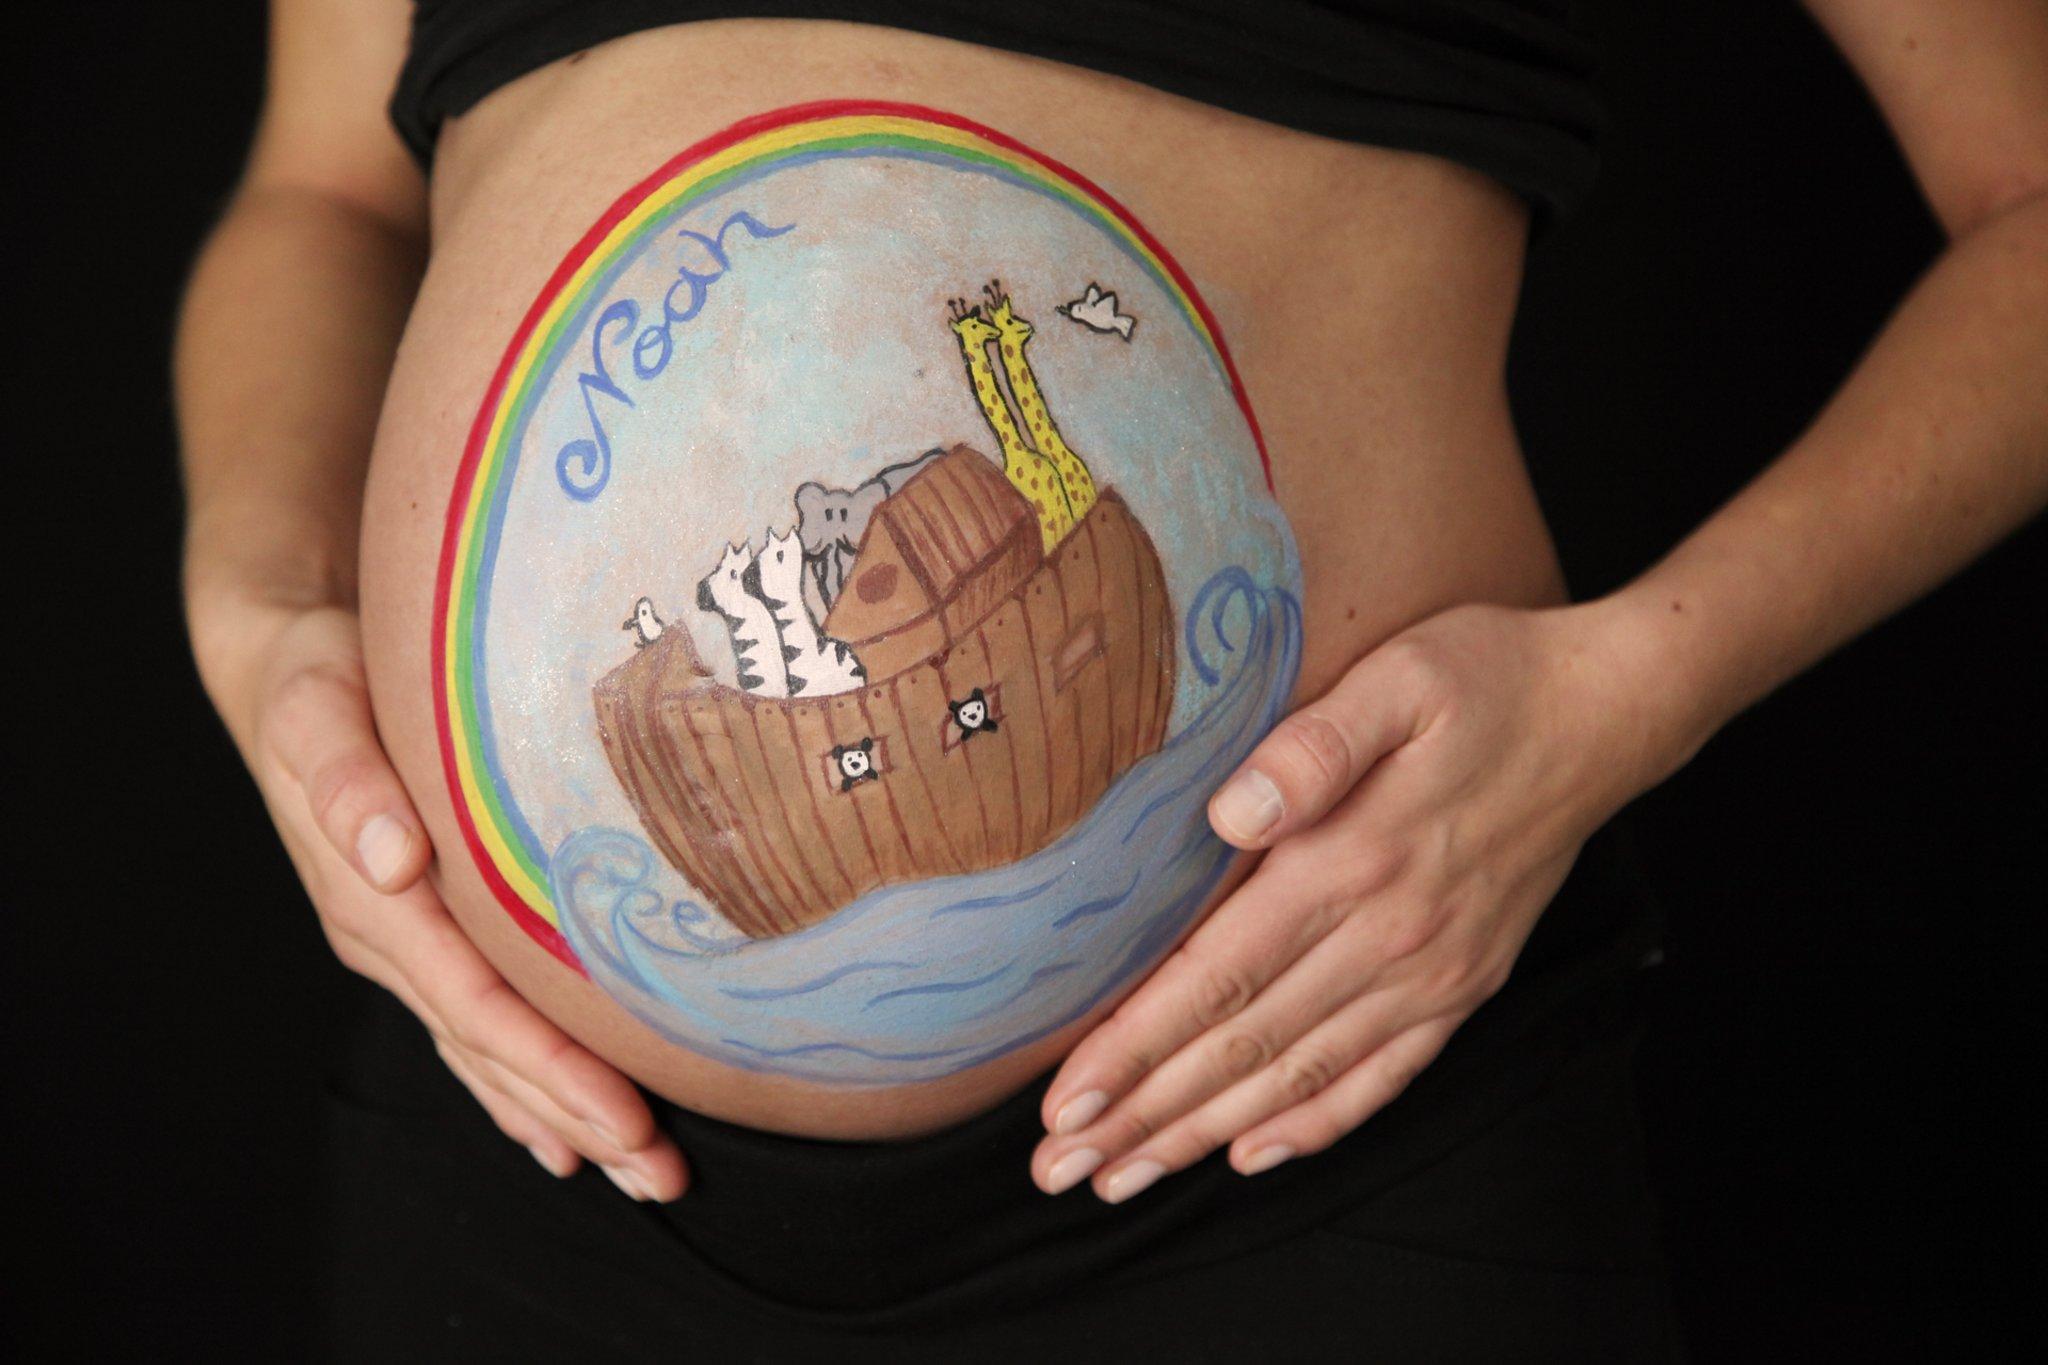 Sam Malt Bilder Auf Babybauche Lunen